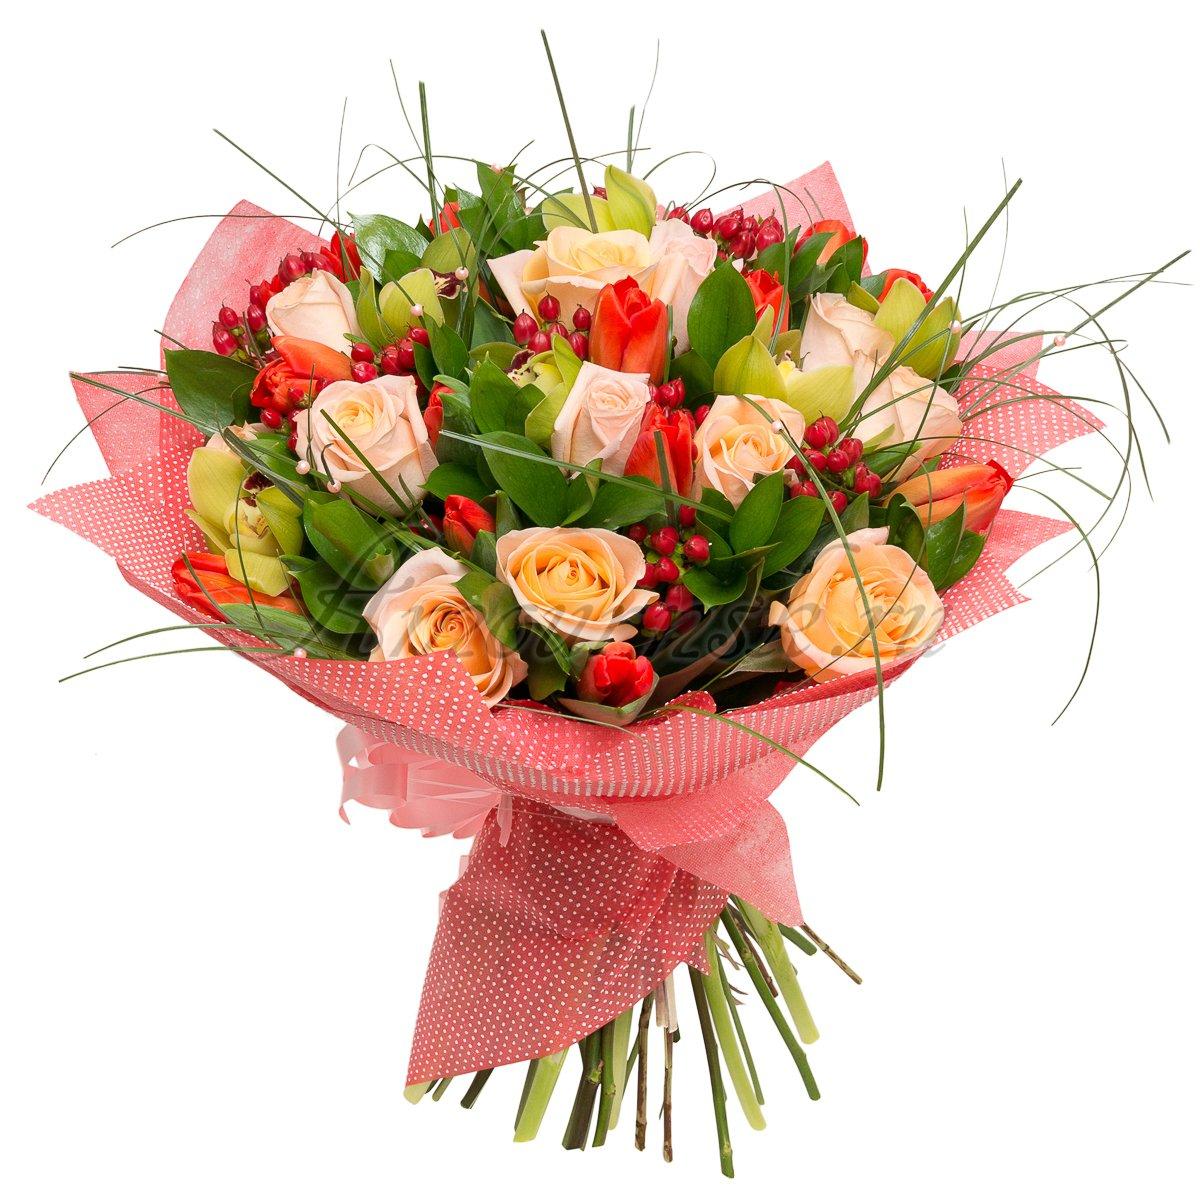 Доставка цветов, доставка букетов круглосуточно недорого